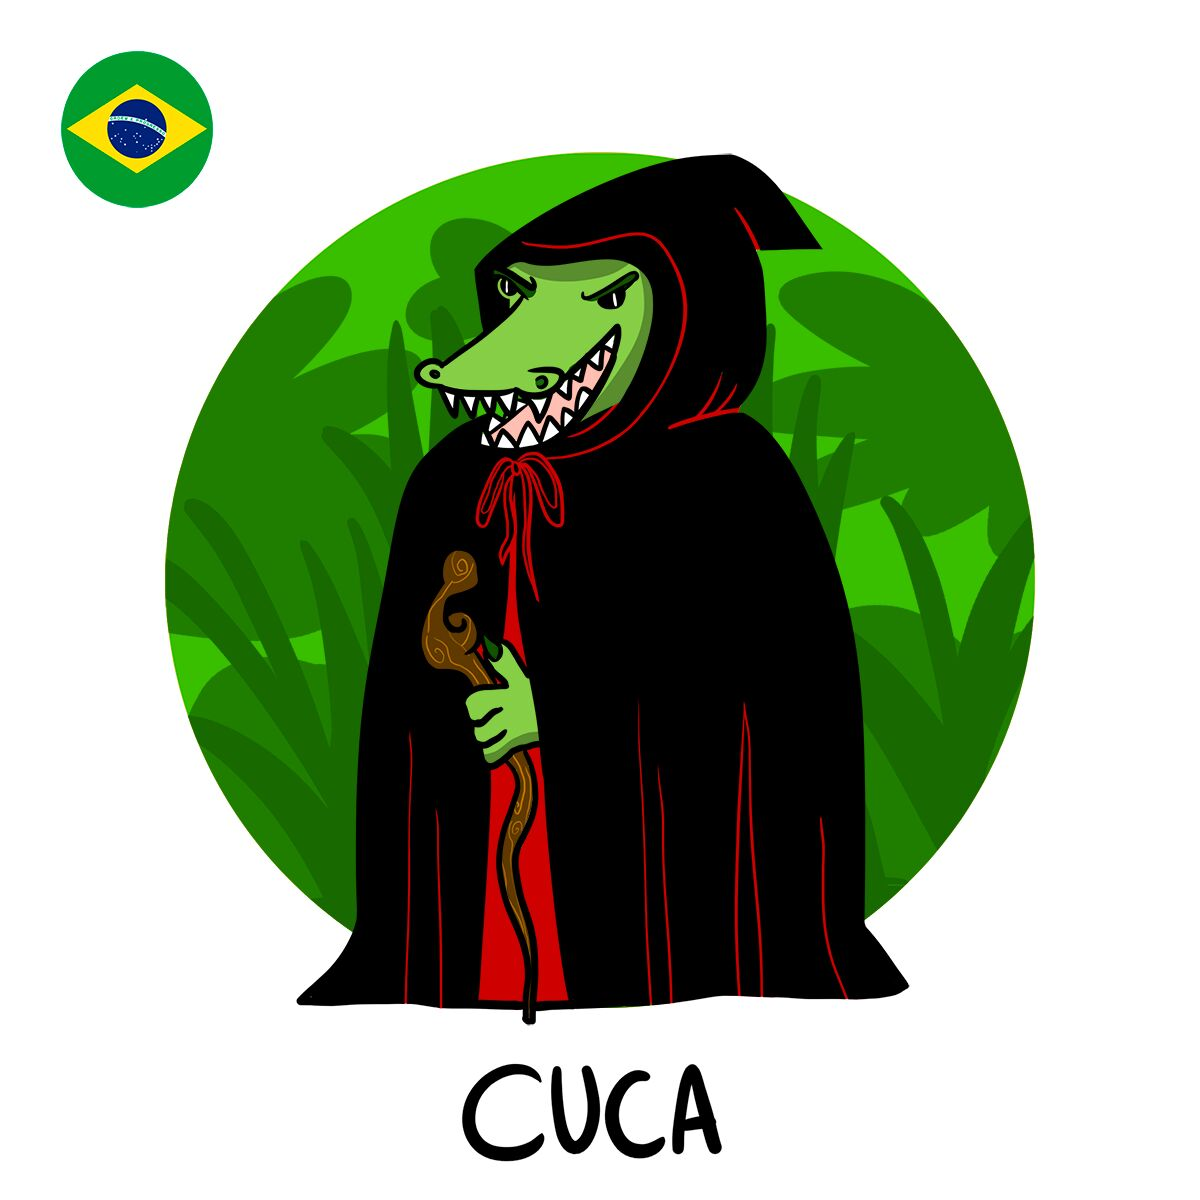 Le monstre brésilien Cuca ressemblerait presque à un crocodile